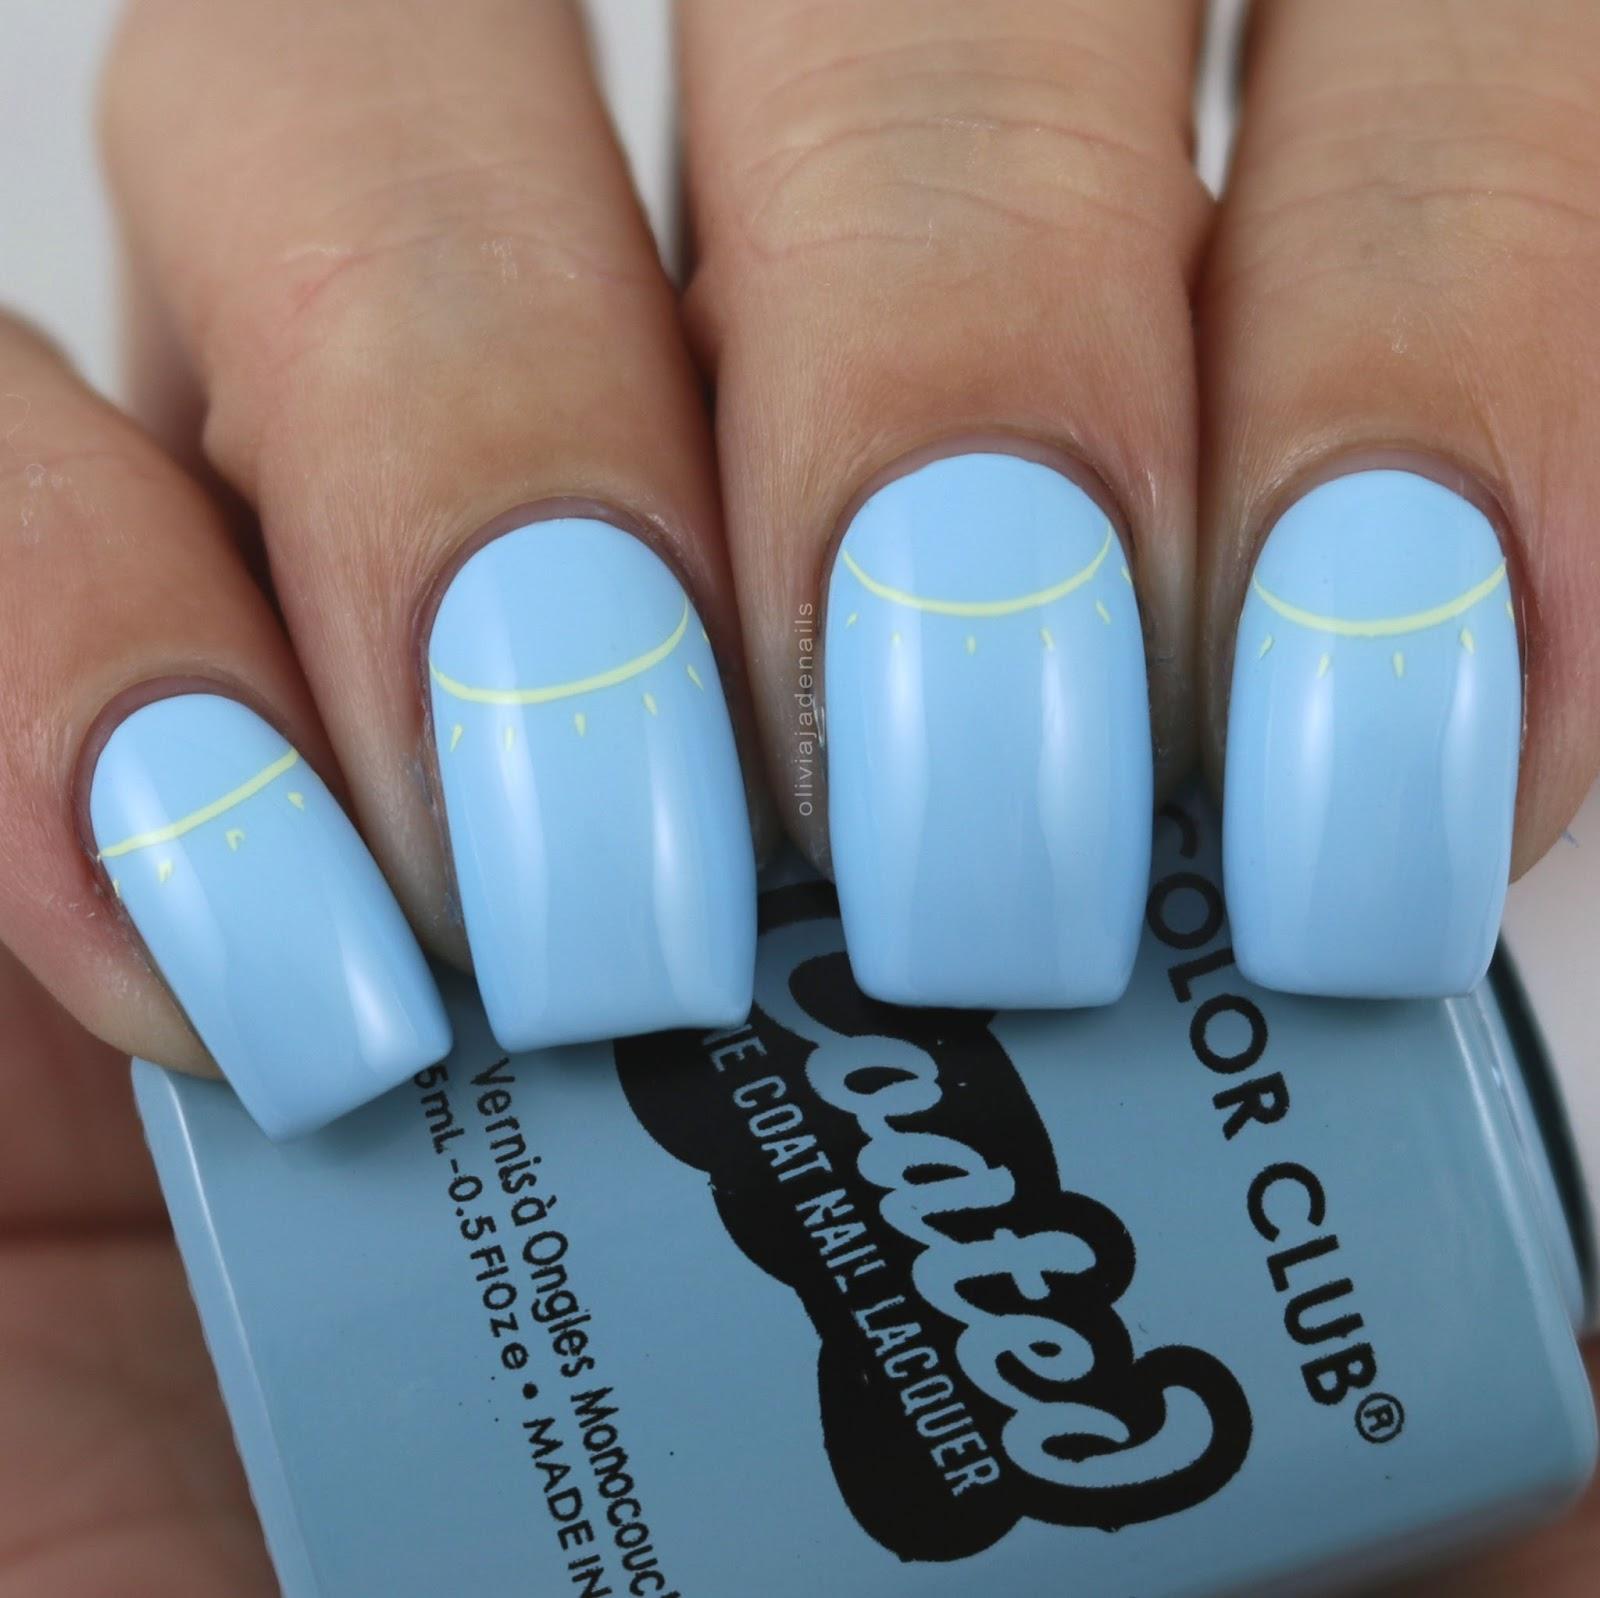 Olivia jade nails crumpets nail tarts 26 great nail art ideas im really prinsesfo Gallery